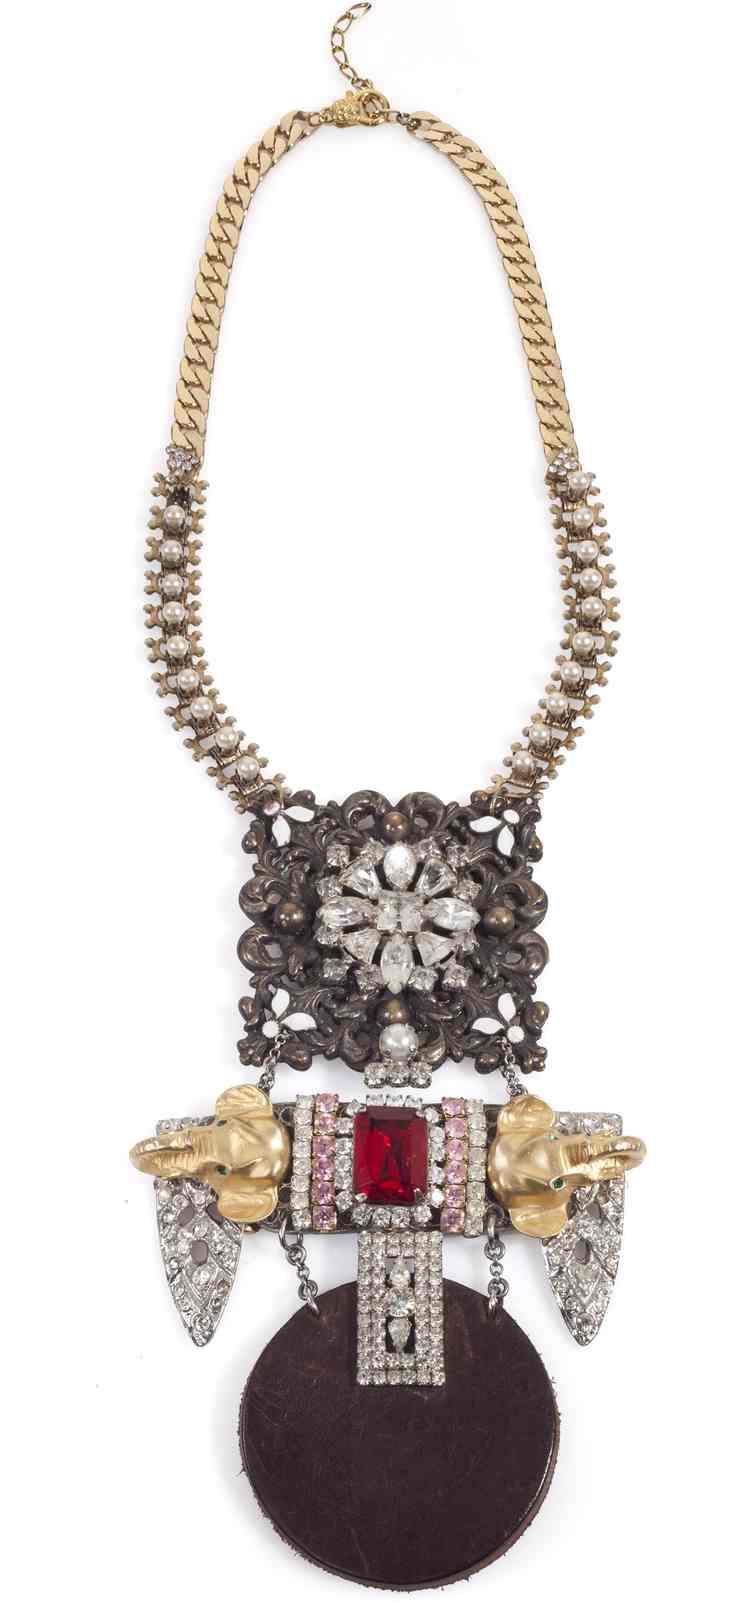 Unique by Galit -Redstone Raj necklace